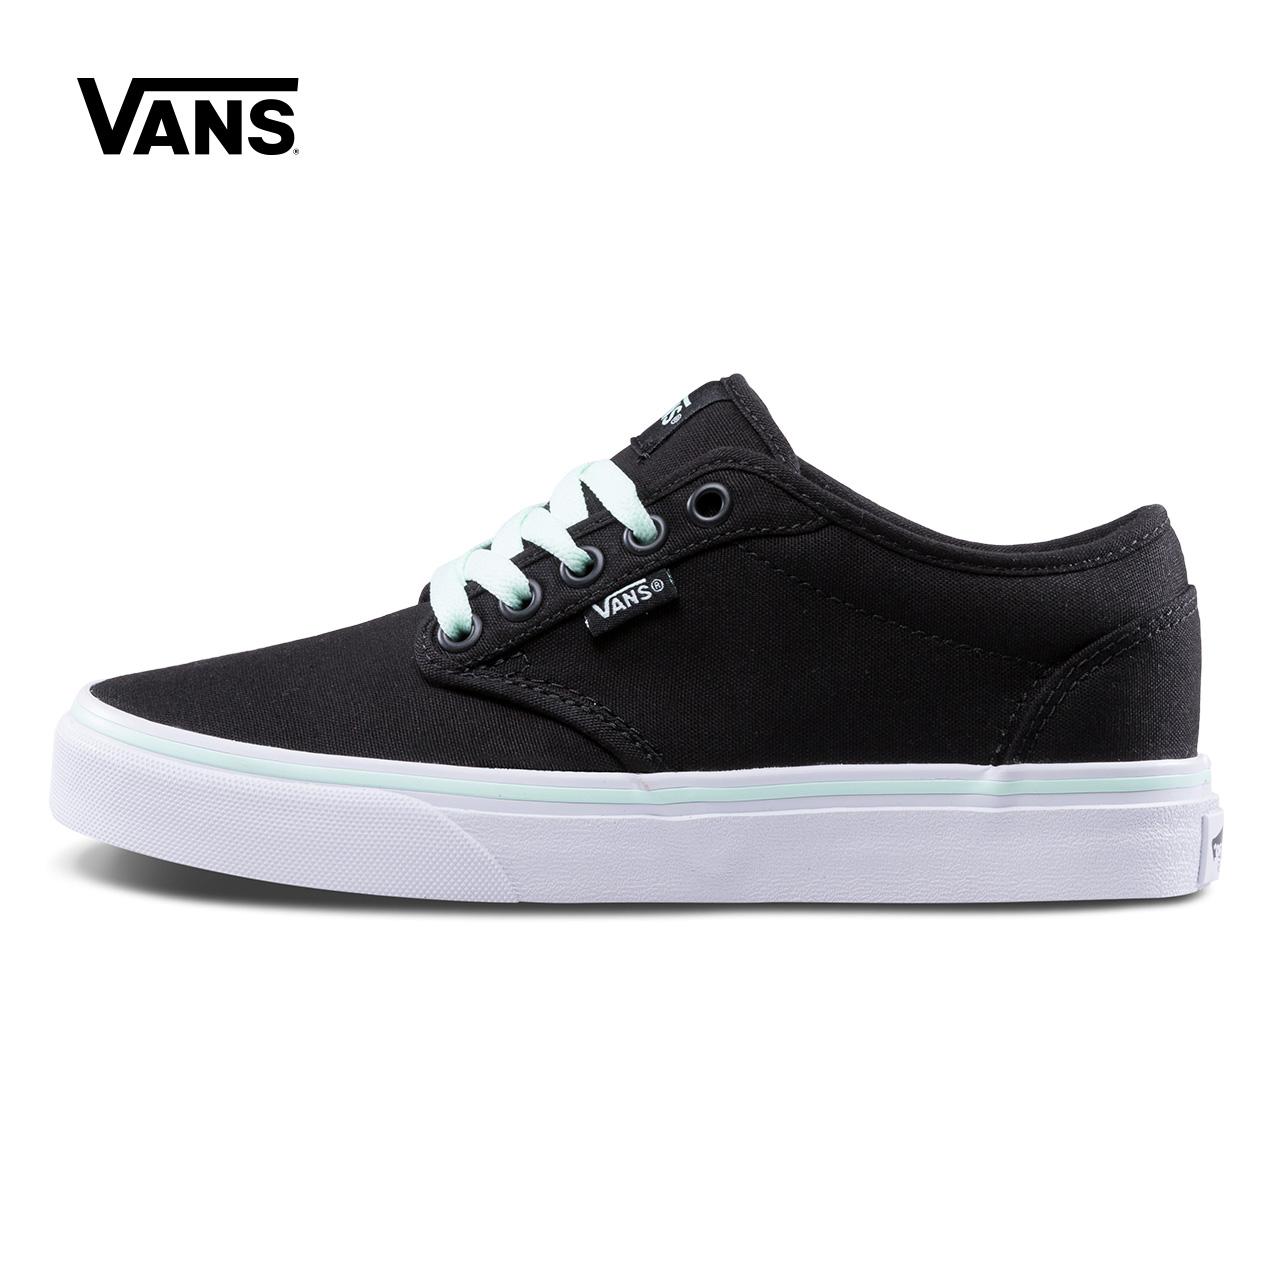 Vans范斯 运动休闲系列 帆布鞋 低帮女子黑色官方正品